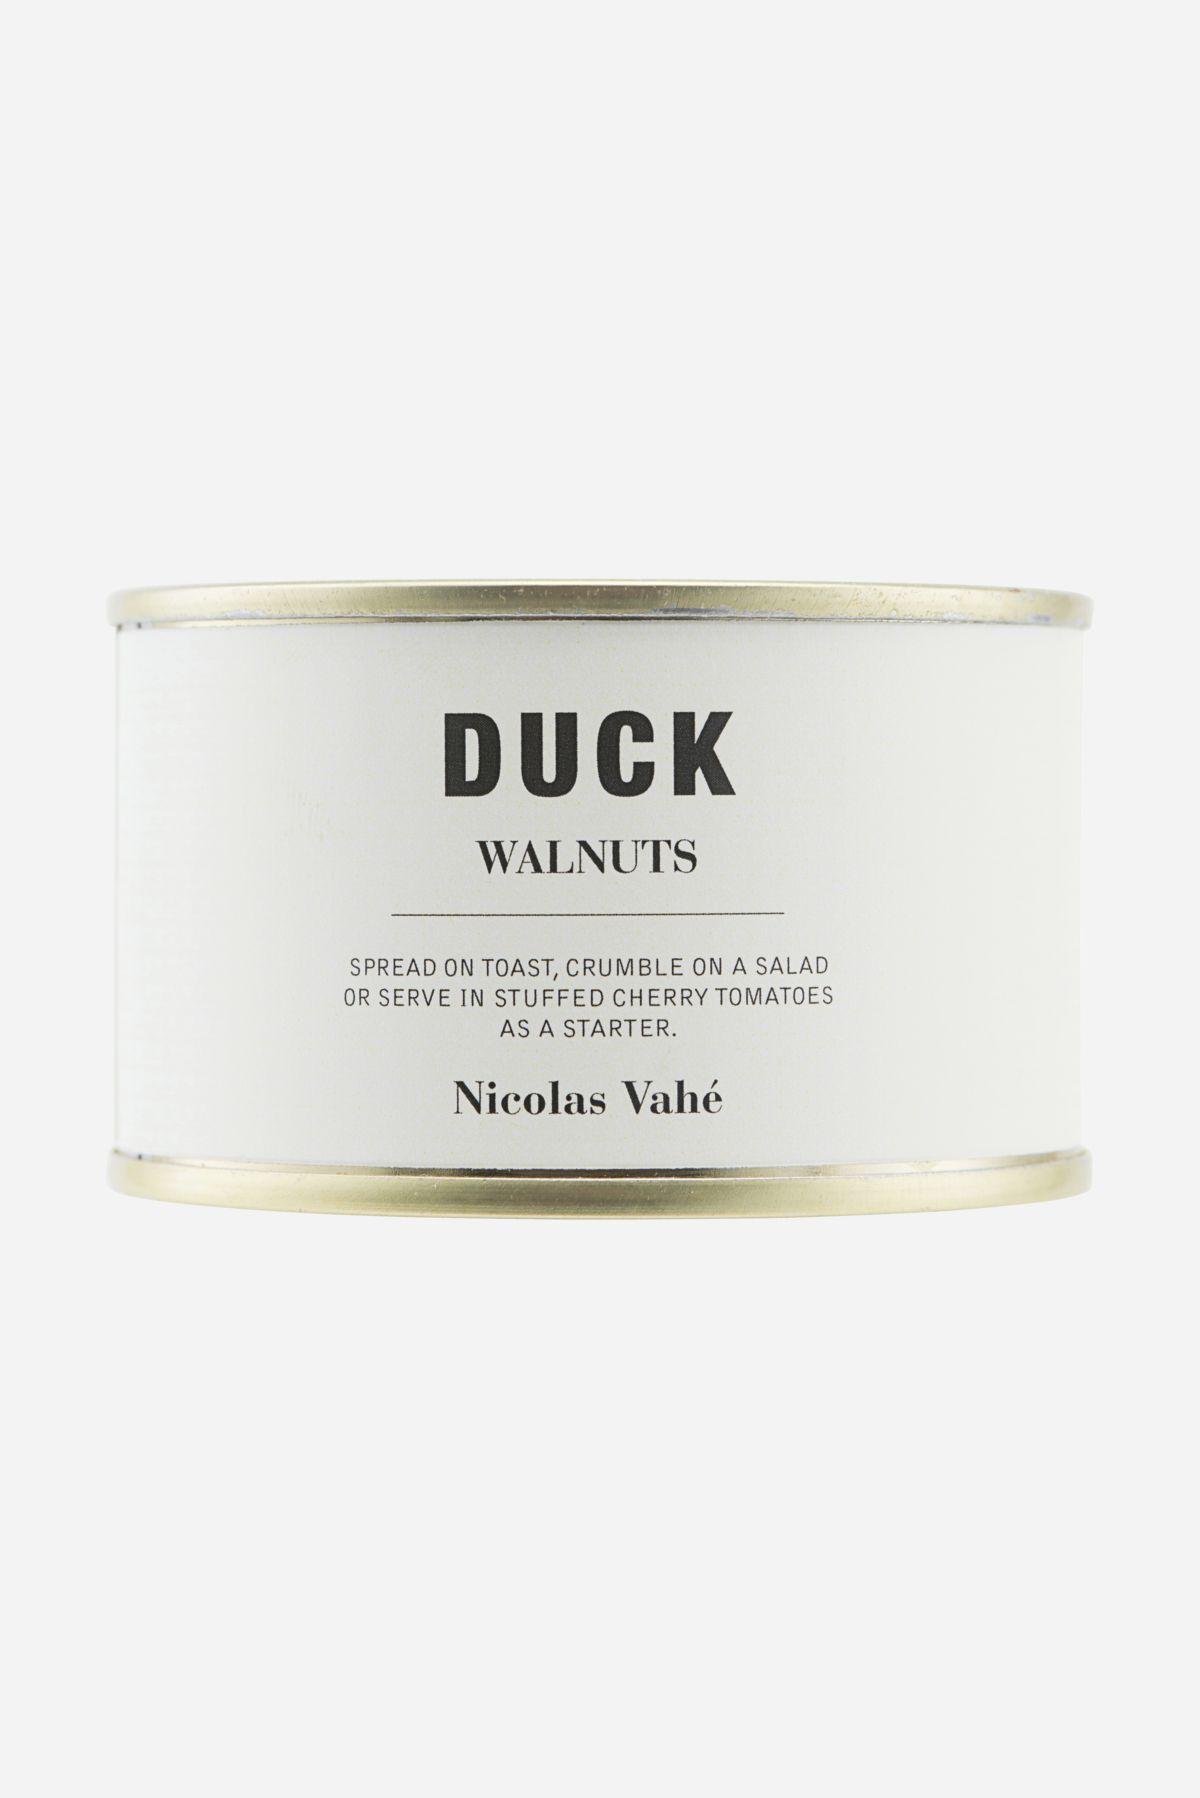 Nicolas Vahé - Andepaté med valnødder